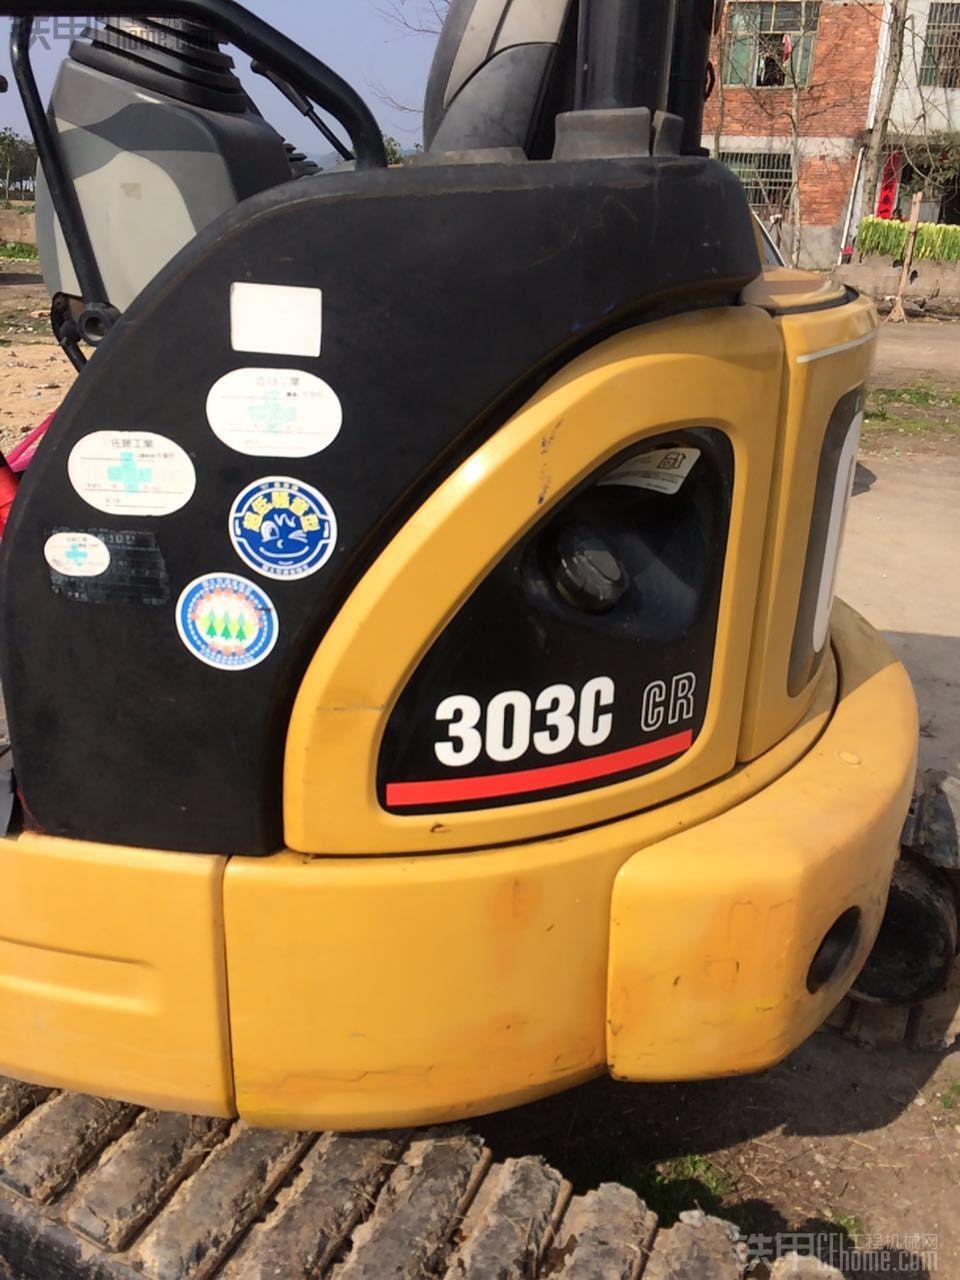 卡特彼勒 303CCR 二手挖掘机价格 15.5万 3000小时